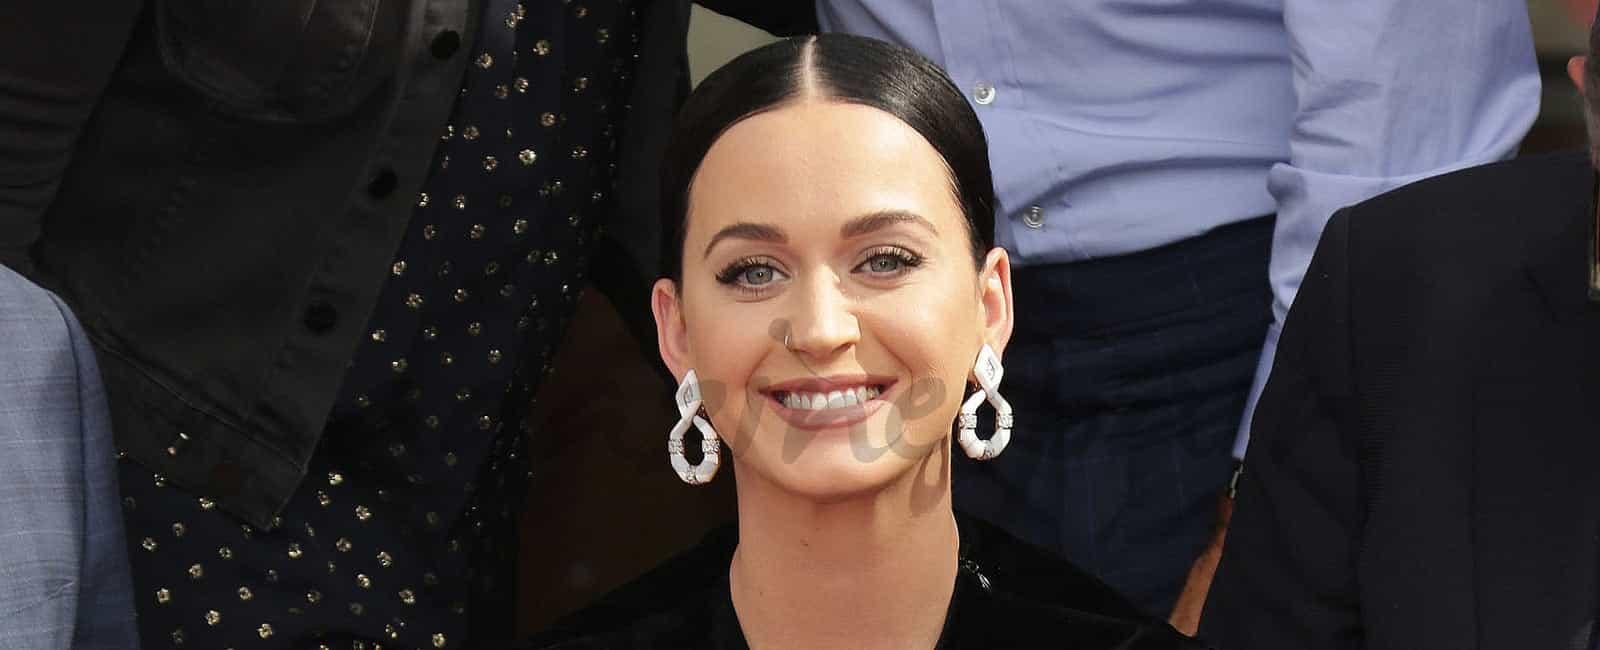 Katy Perry regresa a los escenarios en los próximos Premios Grammy